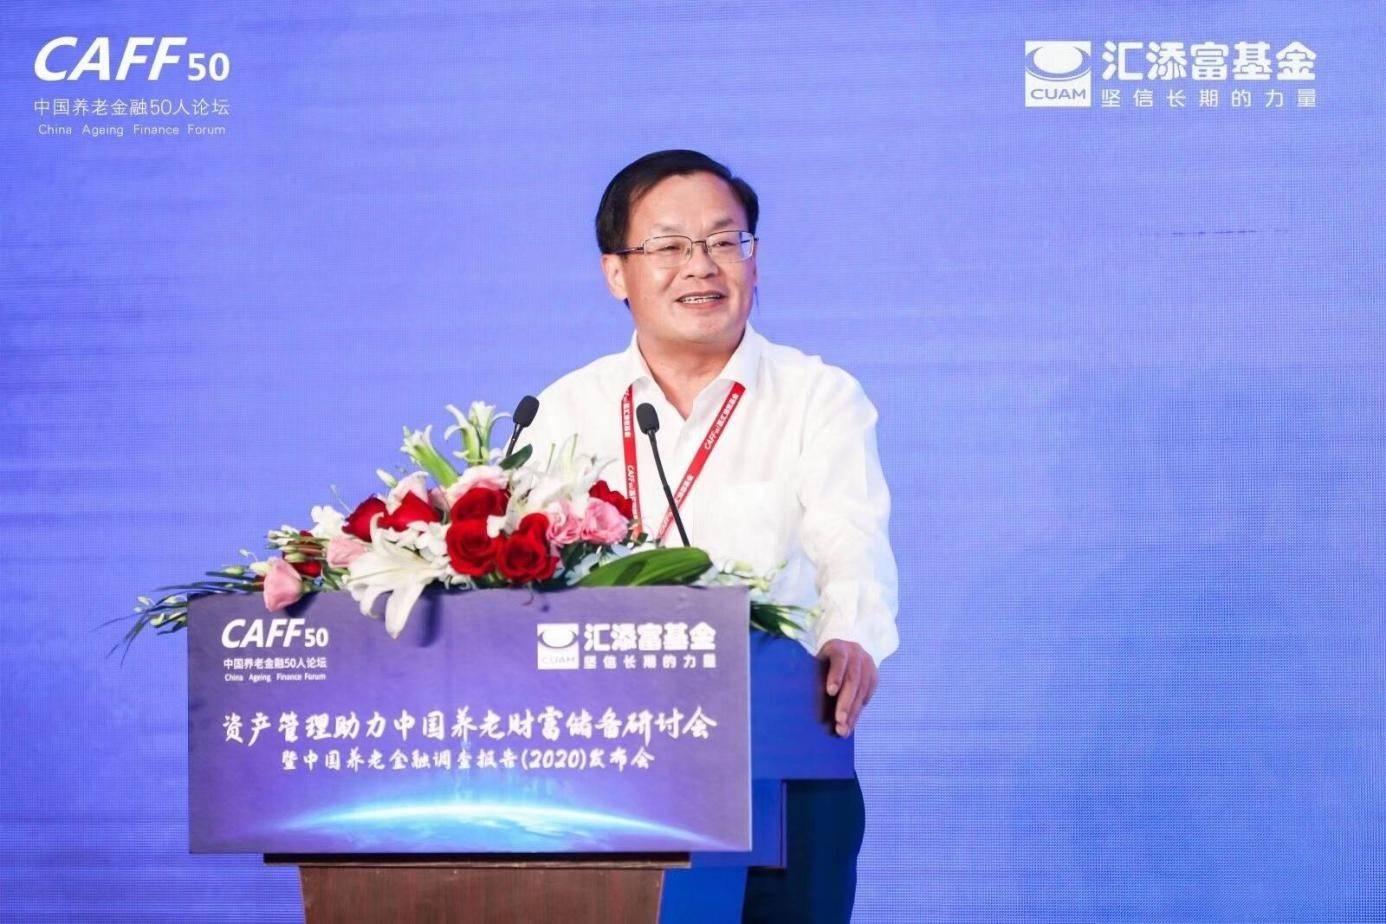 汇添富基金总经理张晖:公募基金如何助力养老金投资